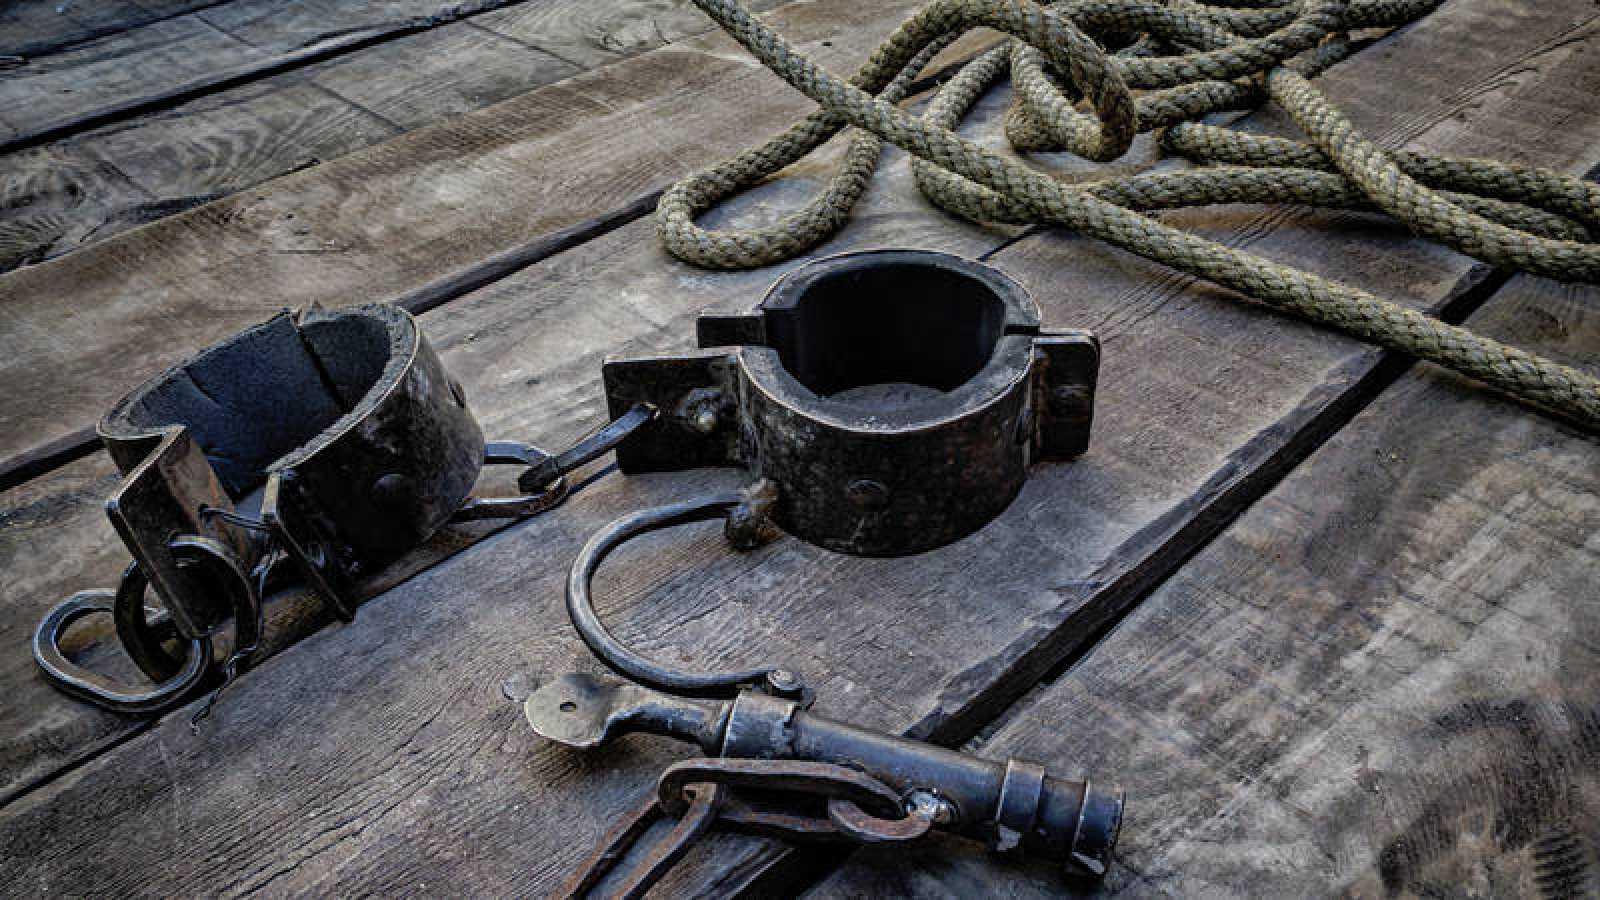 El barco fue utilizado para llevar a 110 hombres, mujeres y niños de África hasta Alabama en 1860.